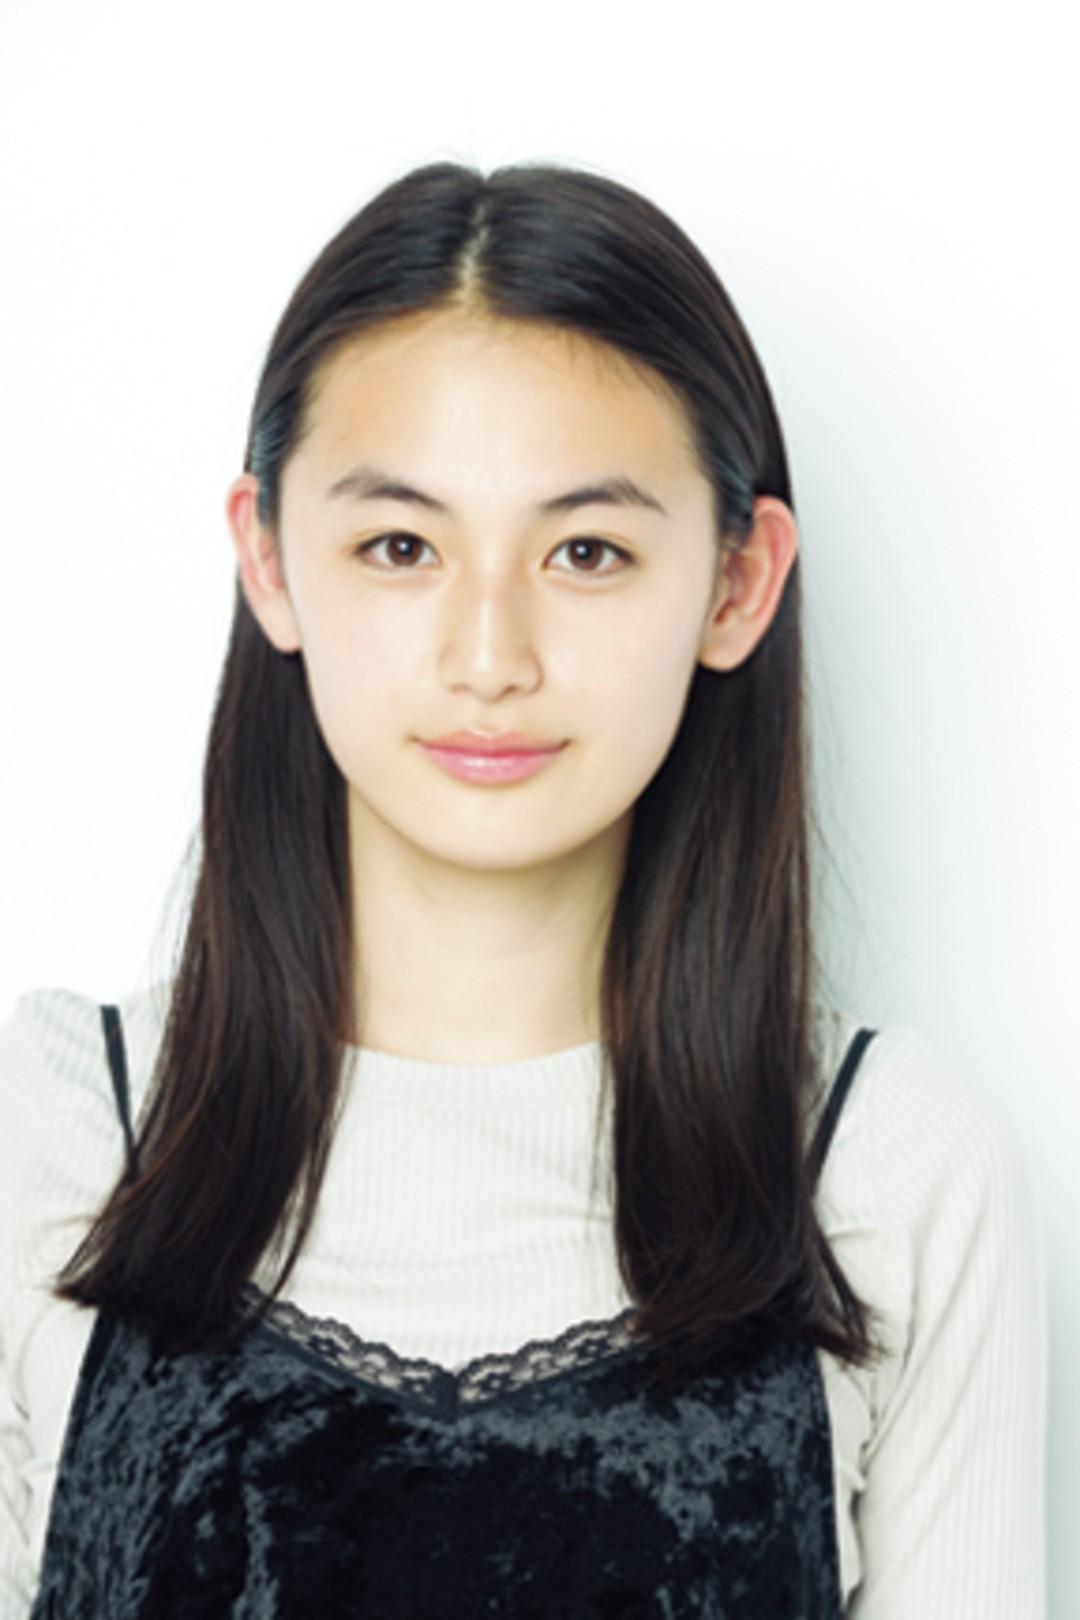 八木莉可子ちゃんのいつもの髪型はコレ